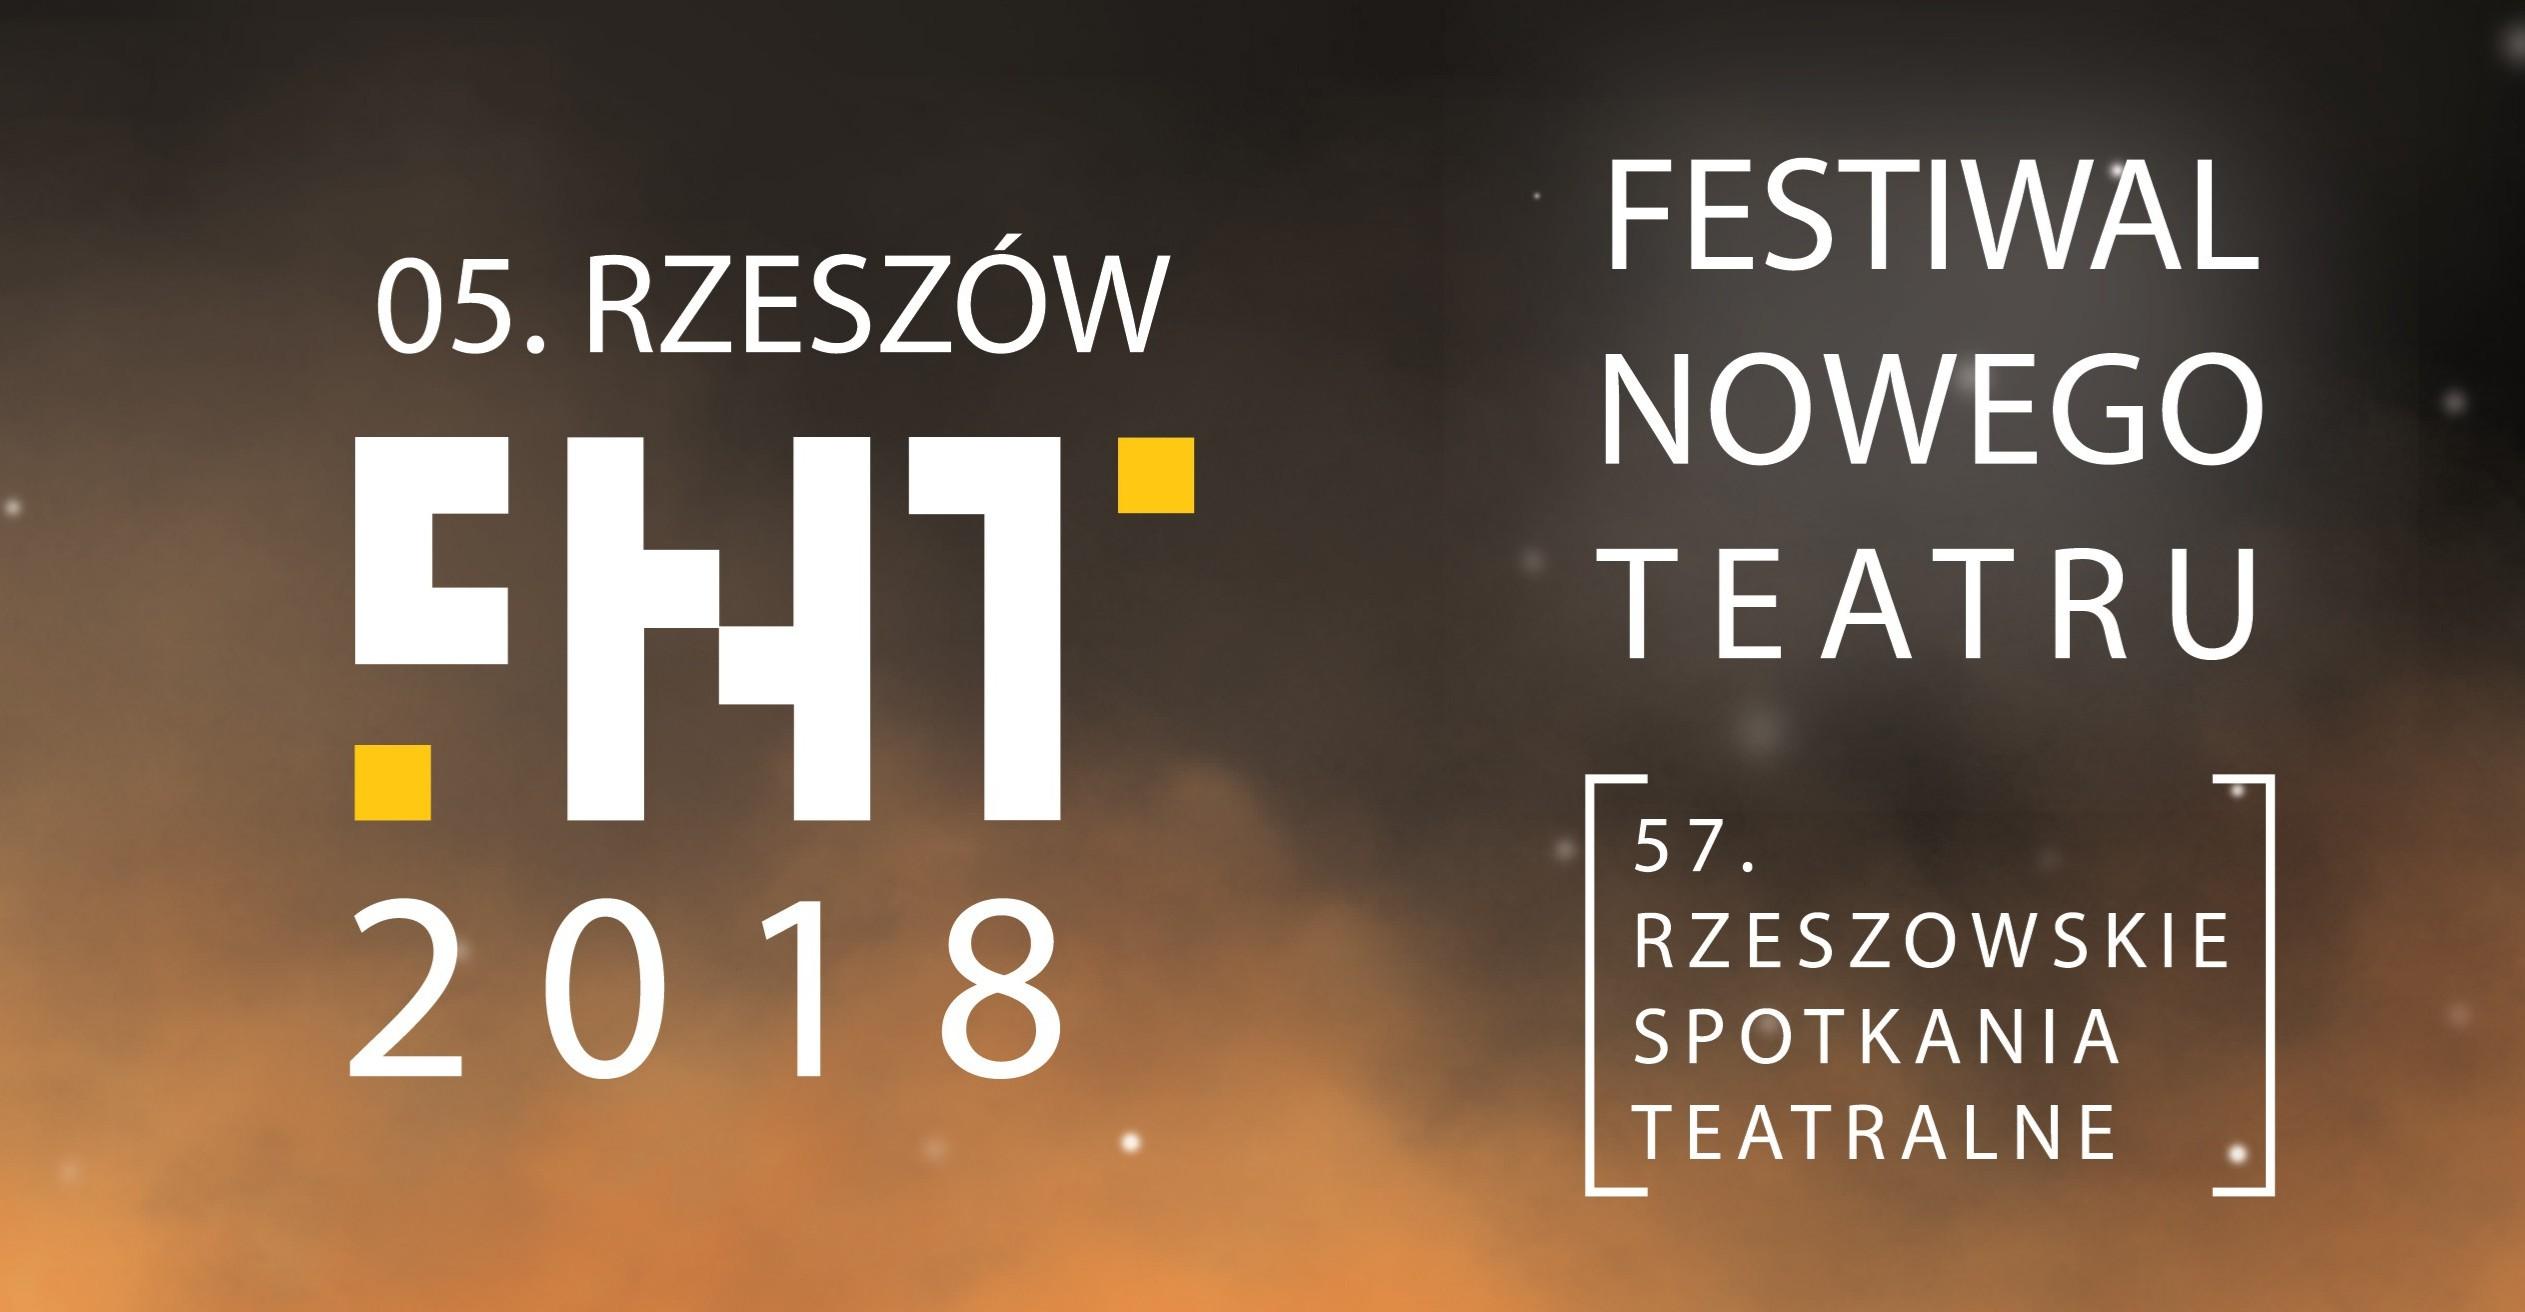 W poniedziałek ruszył 5. Festiwal Nowego Teatru